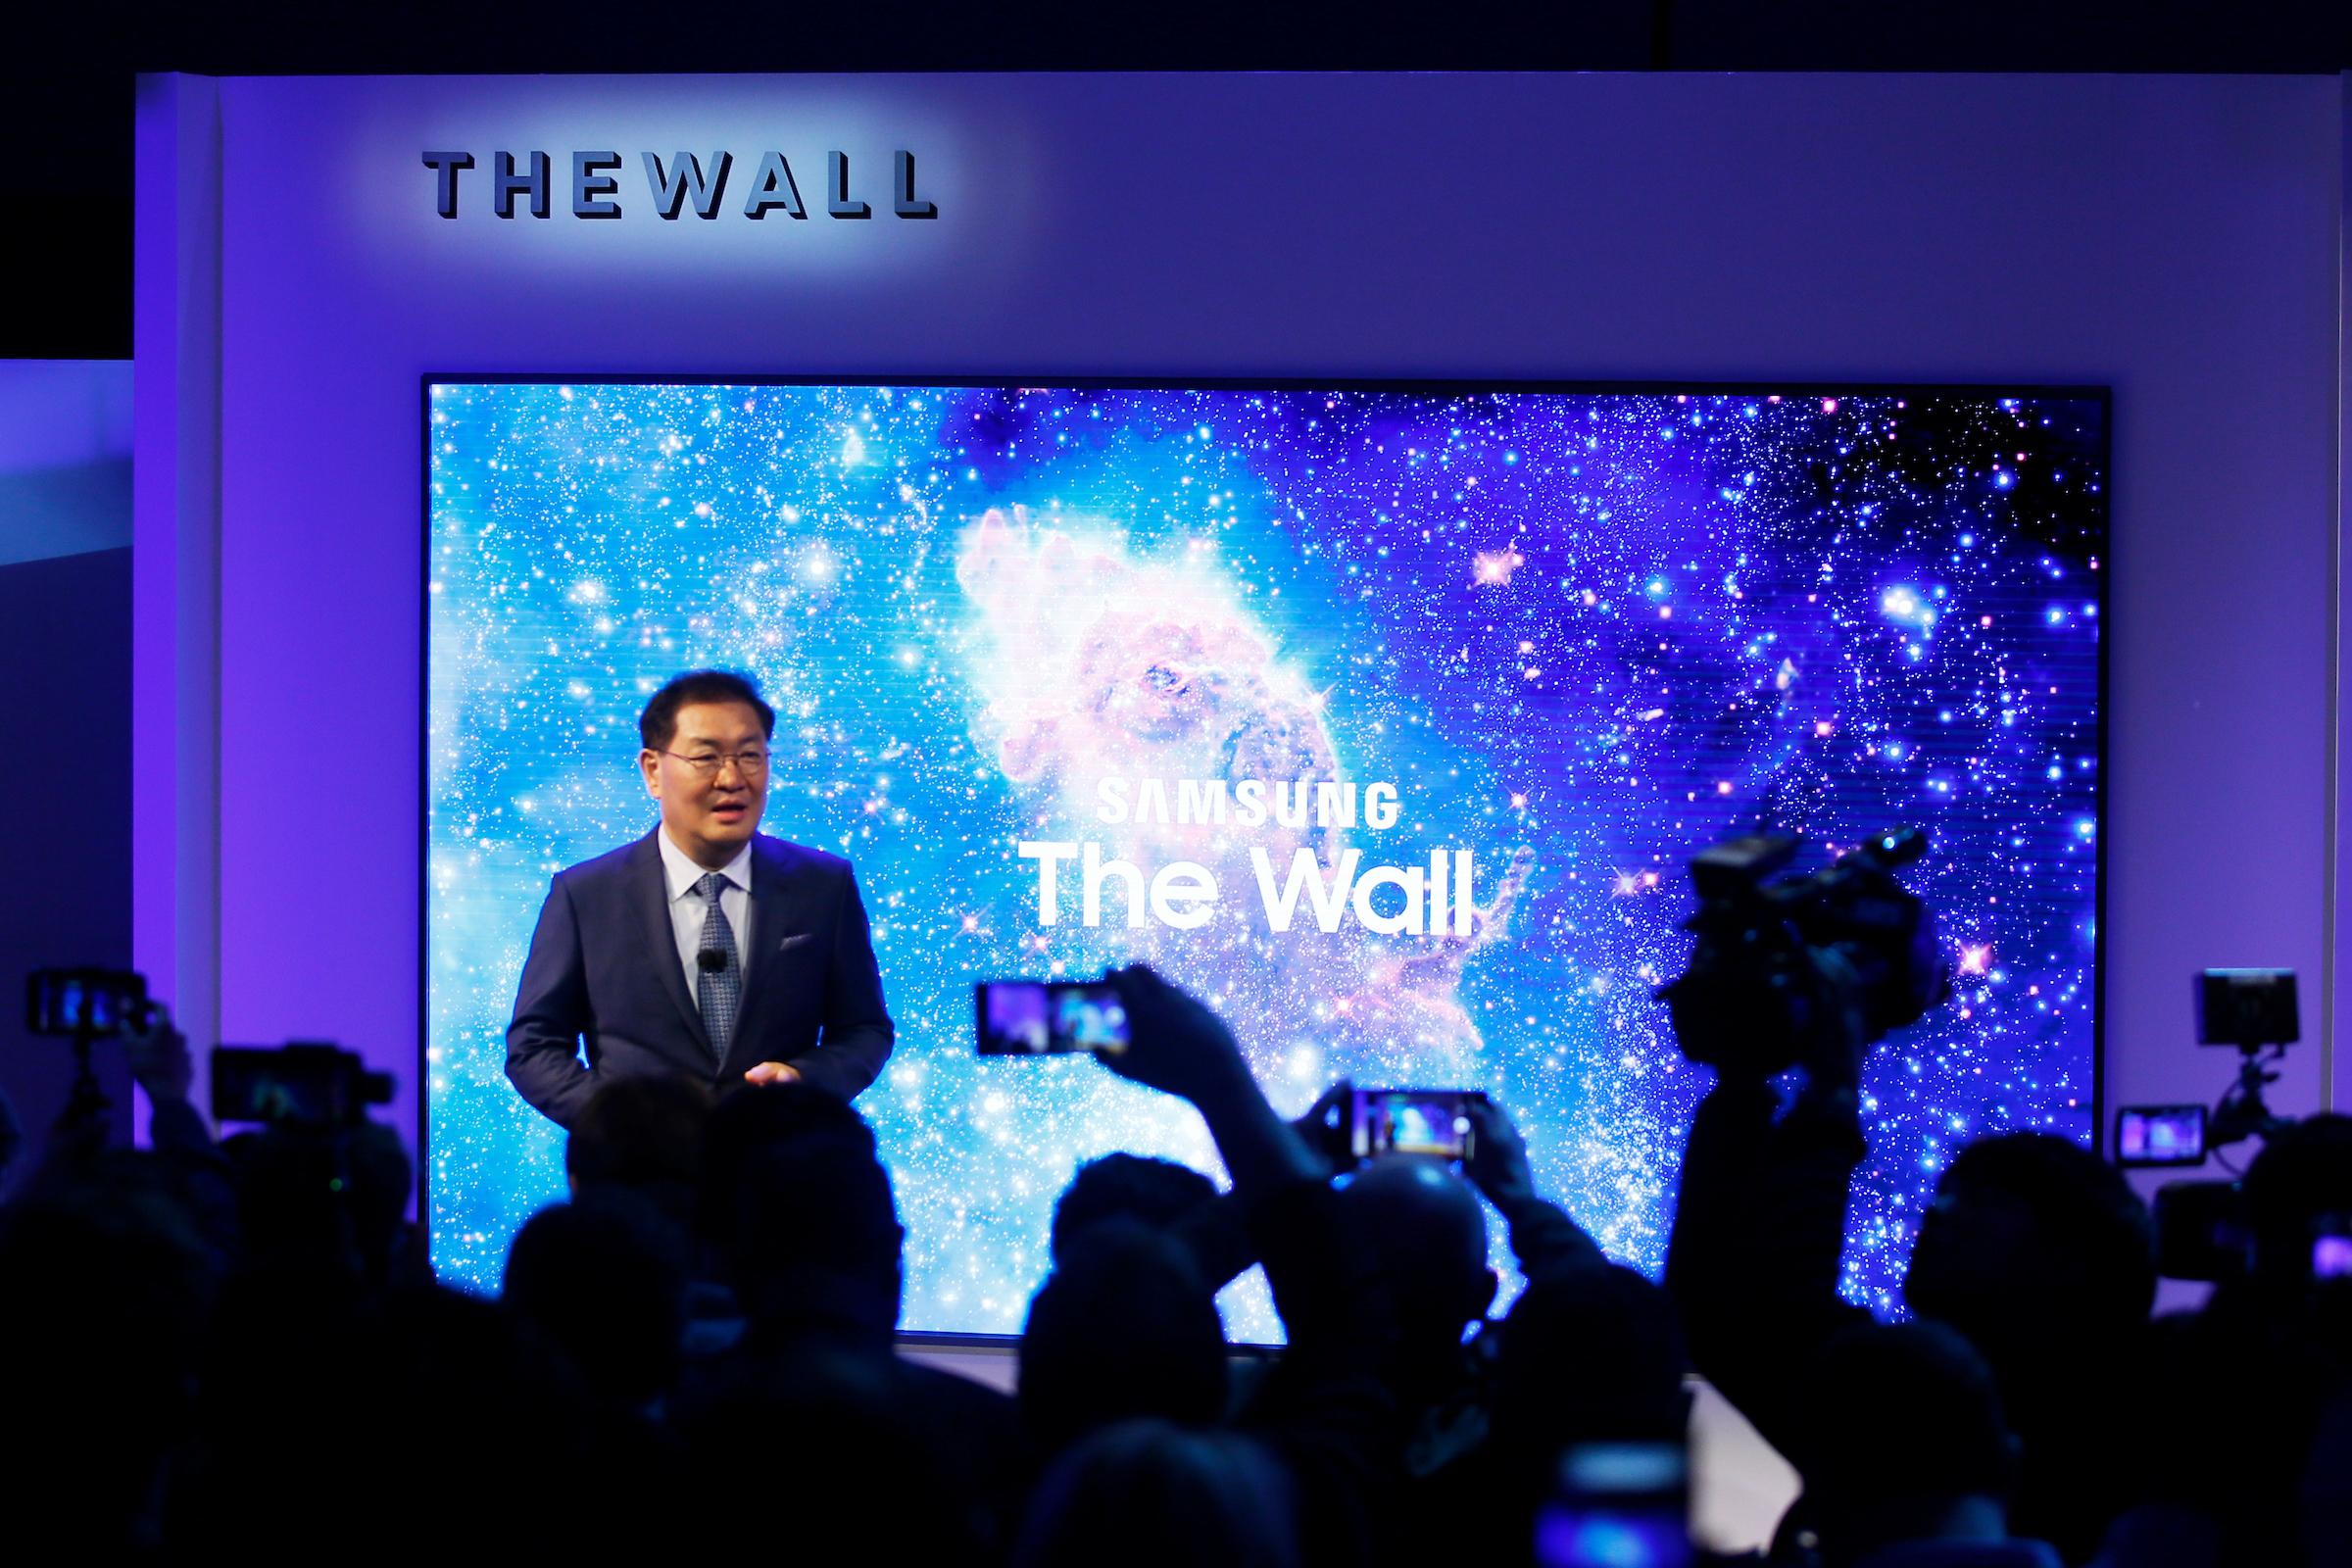 삼성전자 영상디스플레이사업부장 한종희 사장이 '삼성 퍼스트 룩 2018(Samsung First Look 2018)' 행사장에서 마이크로LED 기술기반으로 만든 146형 세계최초 모듈러 TV '더 월'을 소개하고 있다.